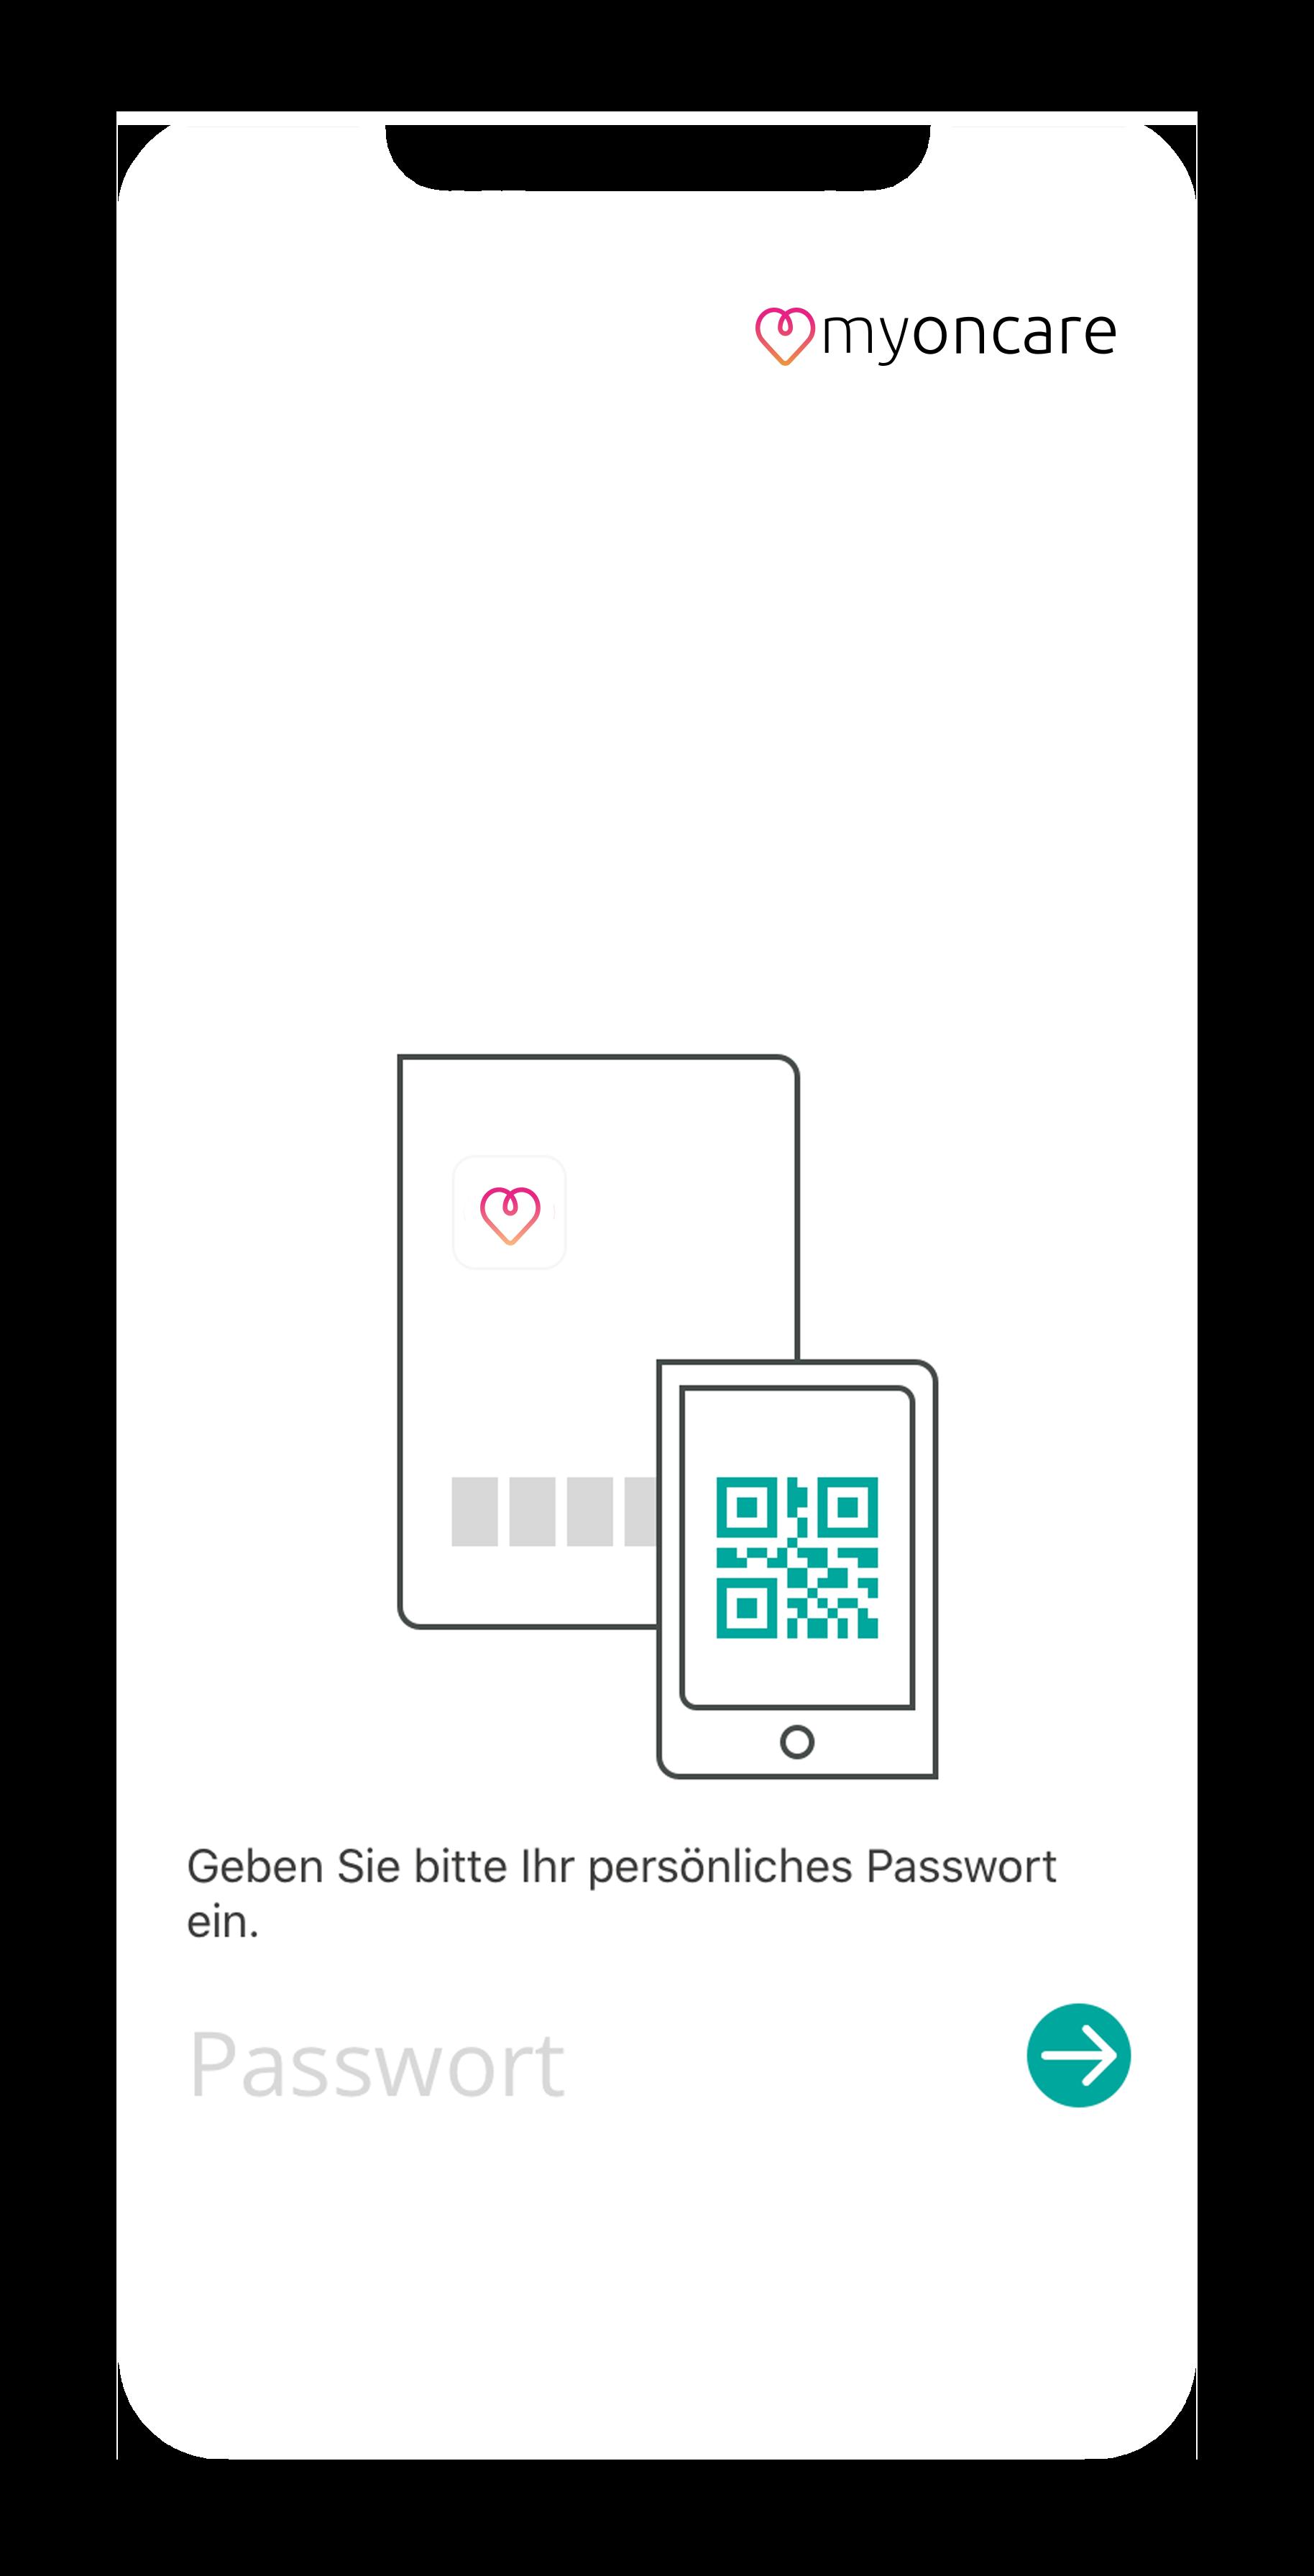 App Passwortbildschirm eingeben